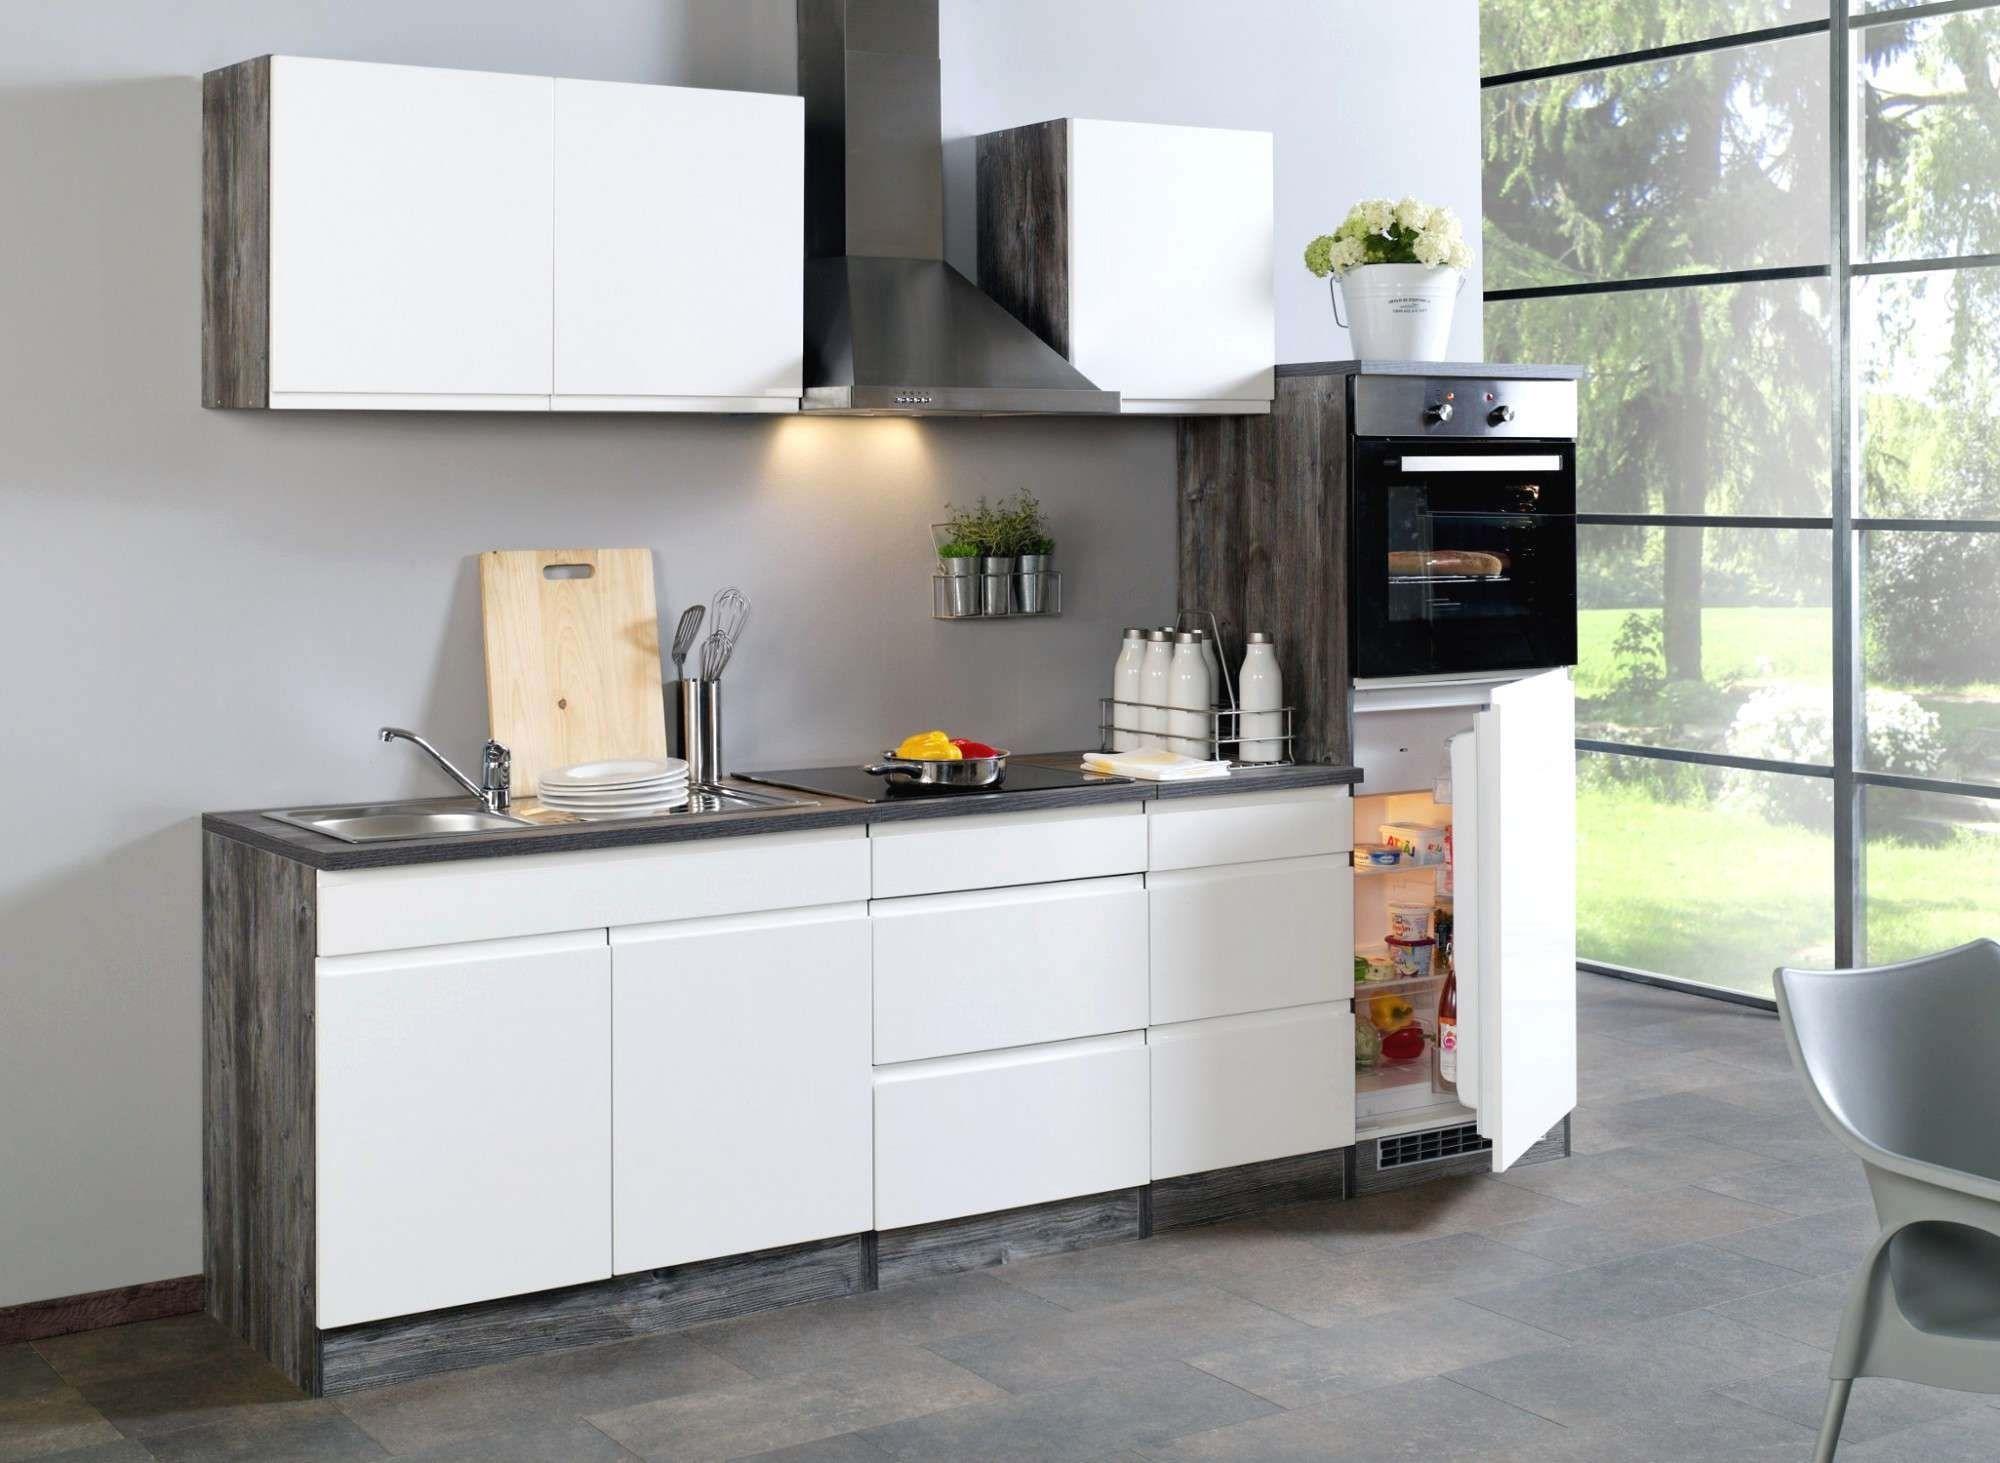 Full Size of 46 Inspirierend Roller Kchen Angebote Kitchen Sale Küchen Regal Regale Wohnzimmer Roller Küchen